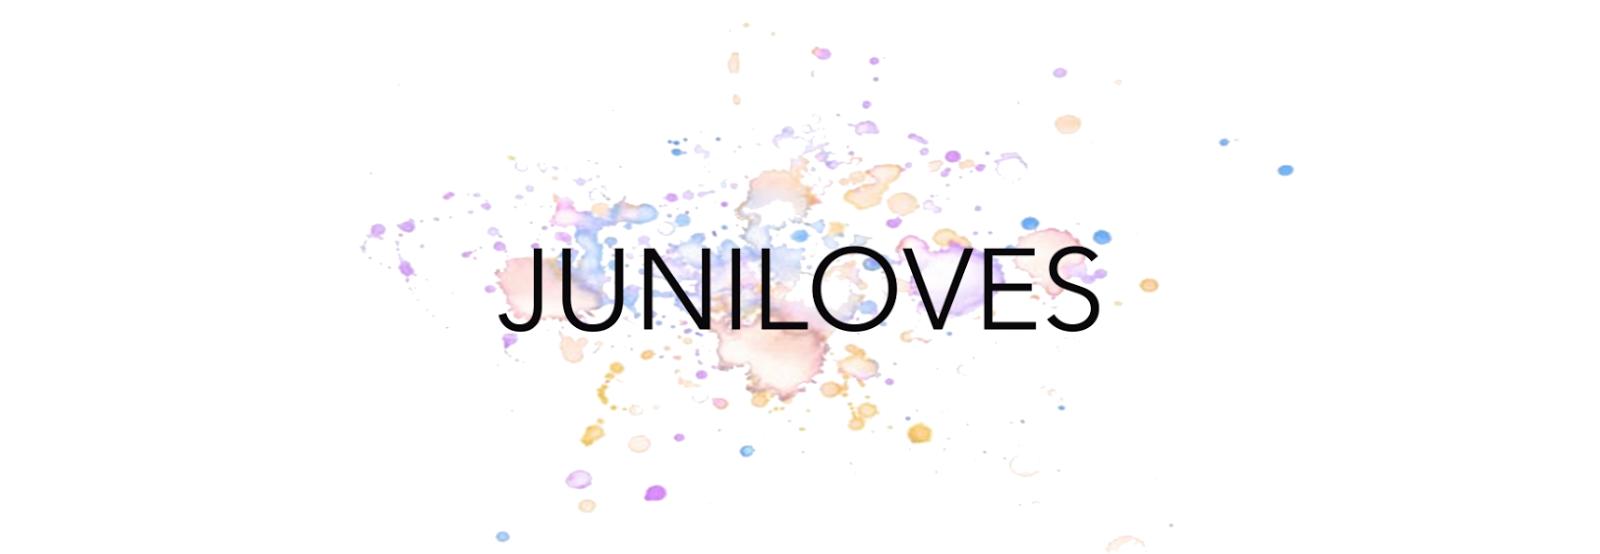 Juni Loves